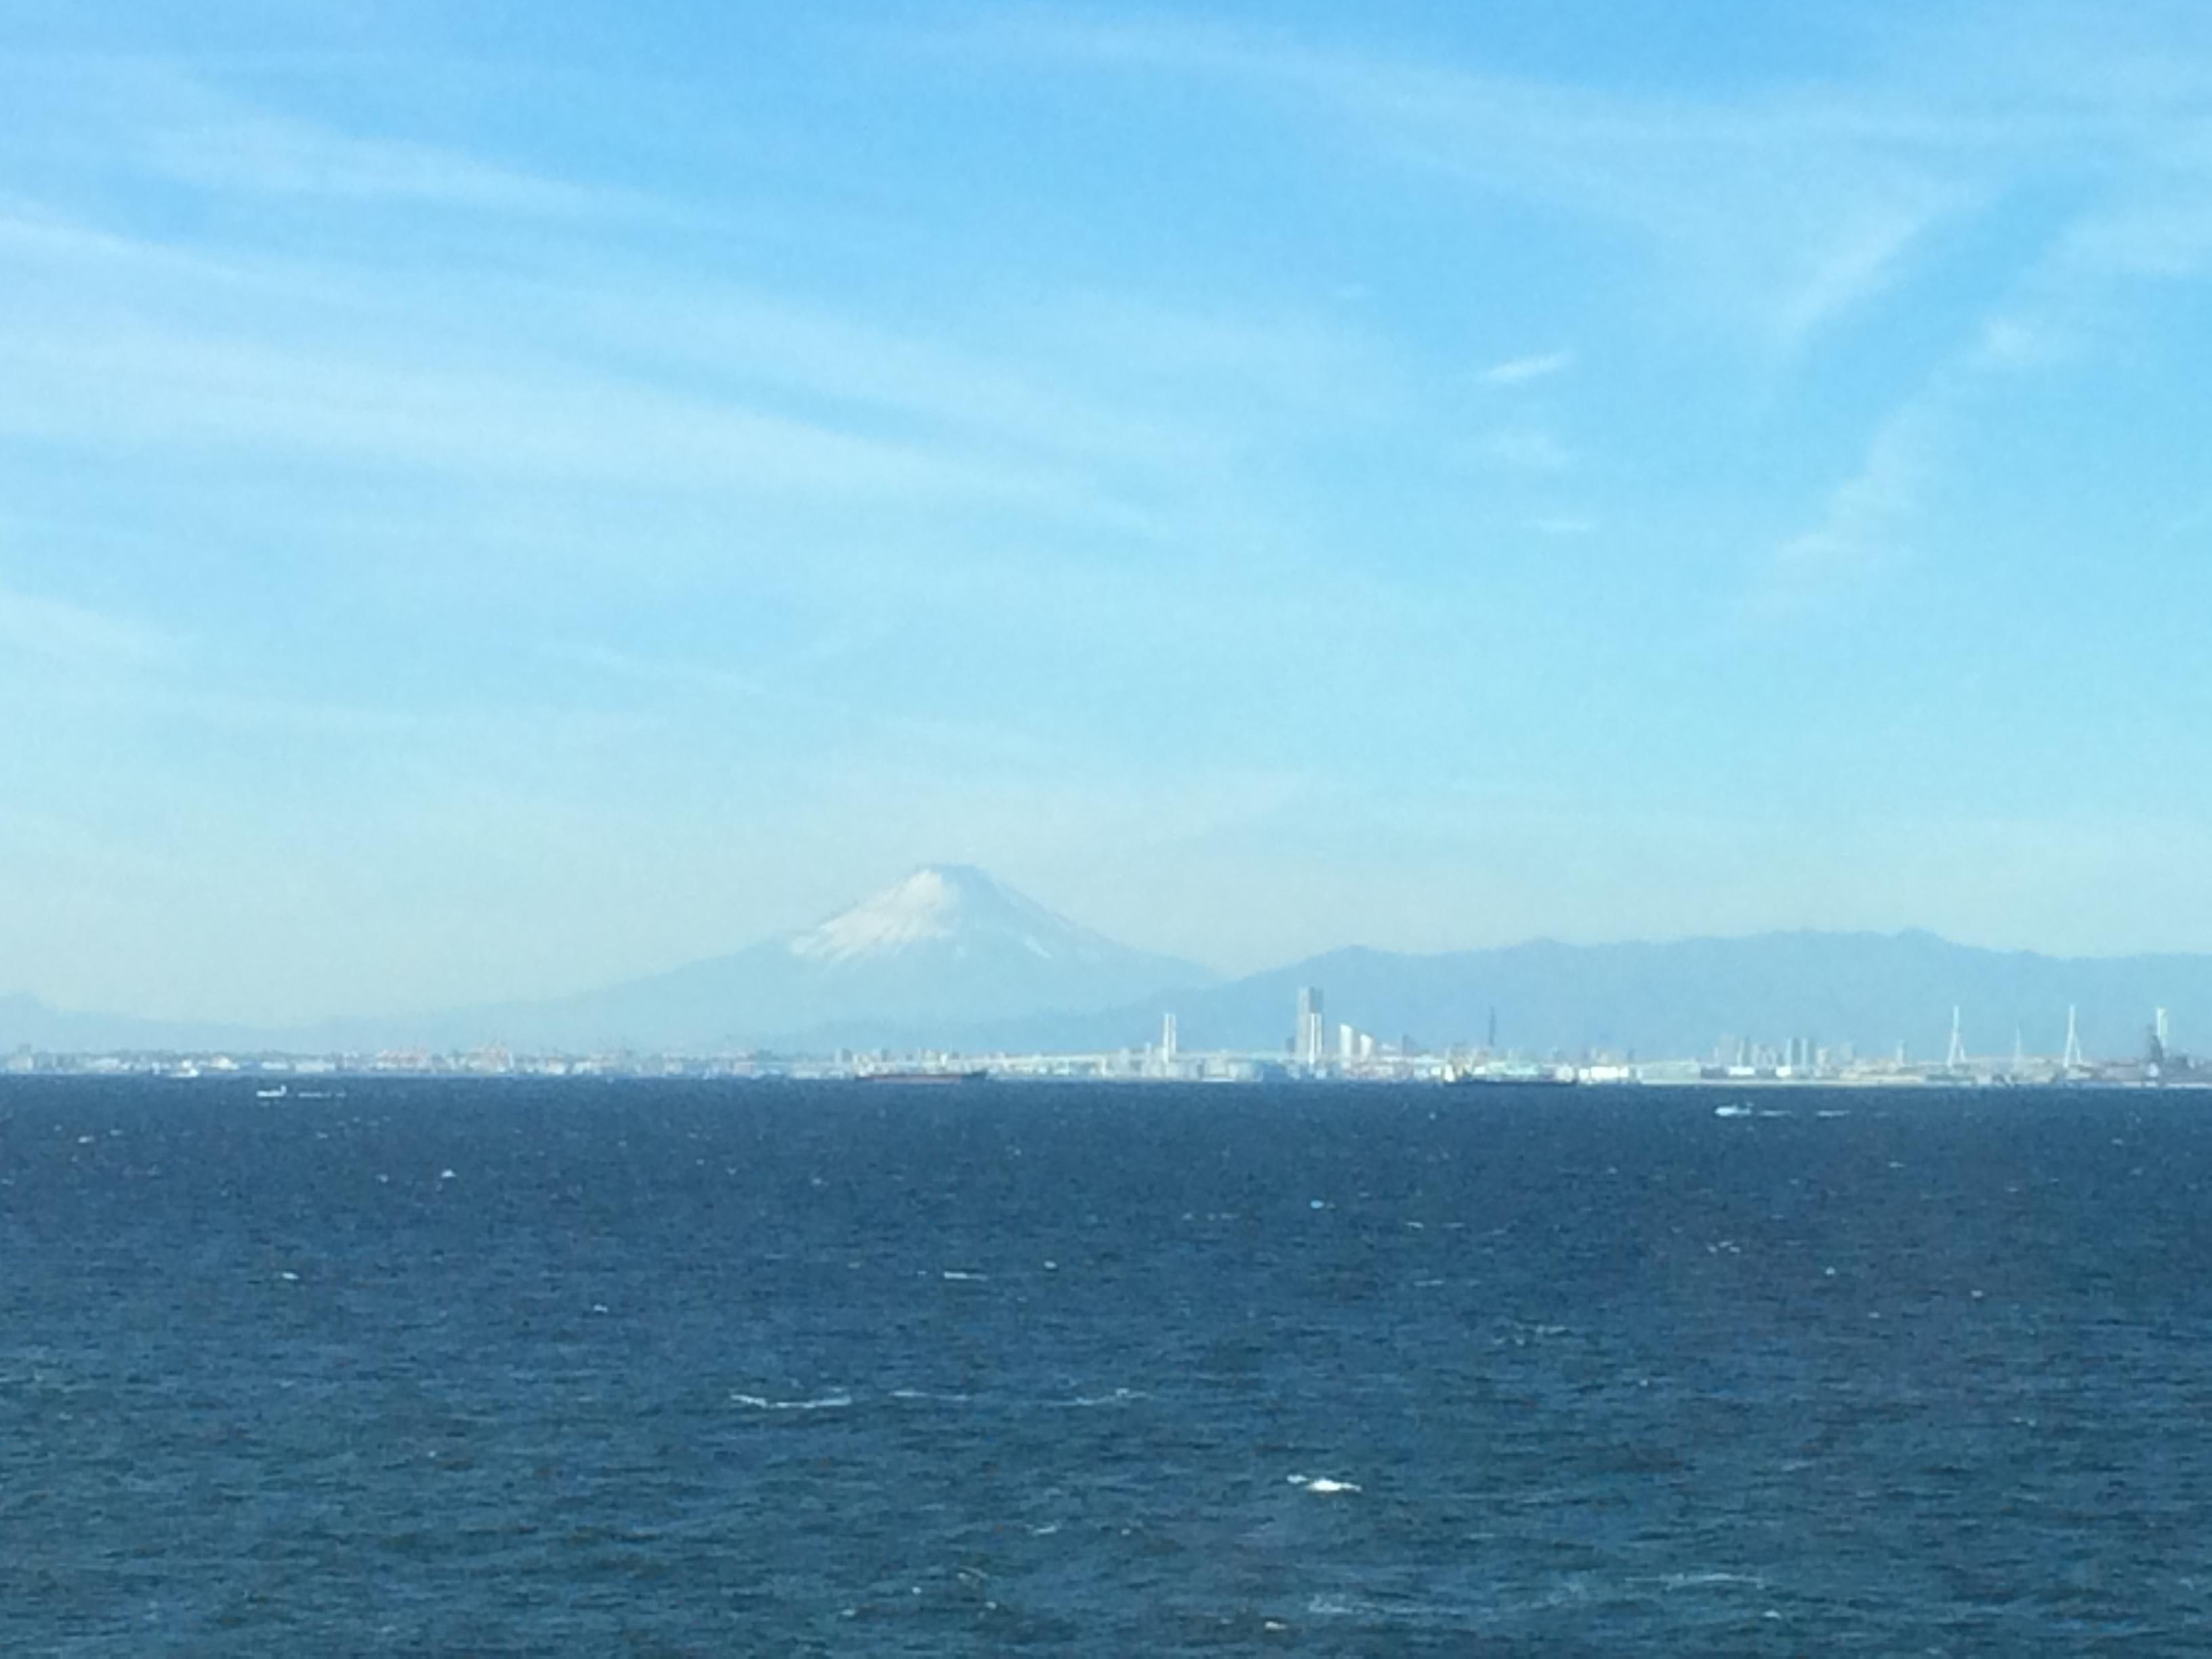 2018年 新春初ツーリングは房総半島を快走 東京湾ごしに富士山を眺め、イチゴ狩りを堪能し、南房総伊戸港で海鮮料理に舌鼓